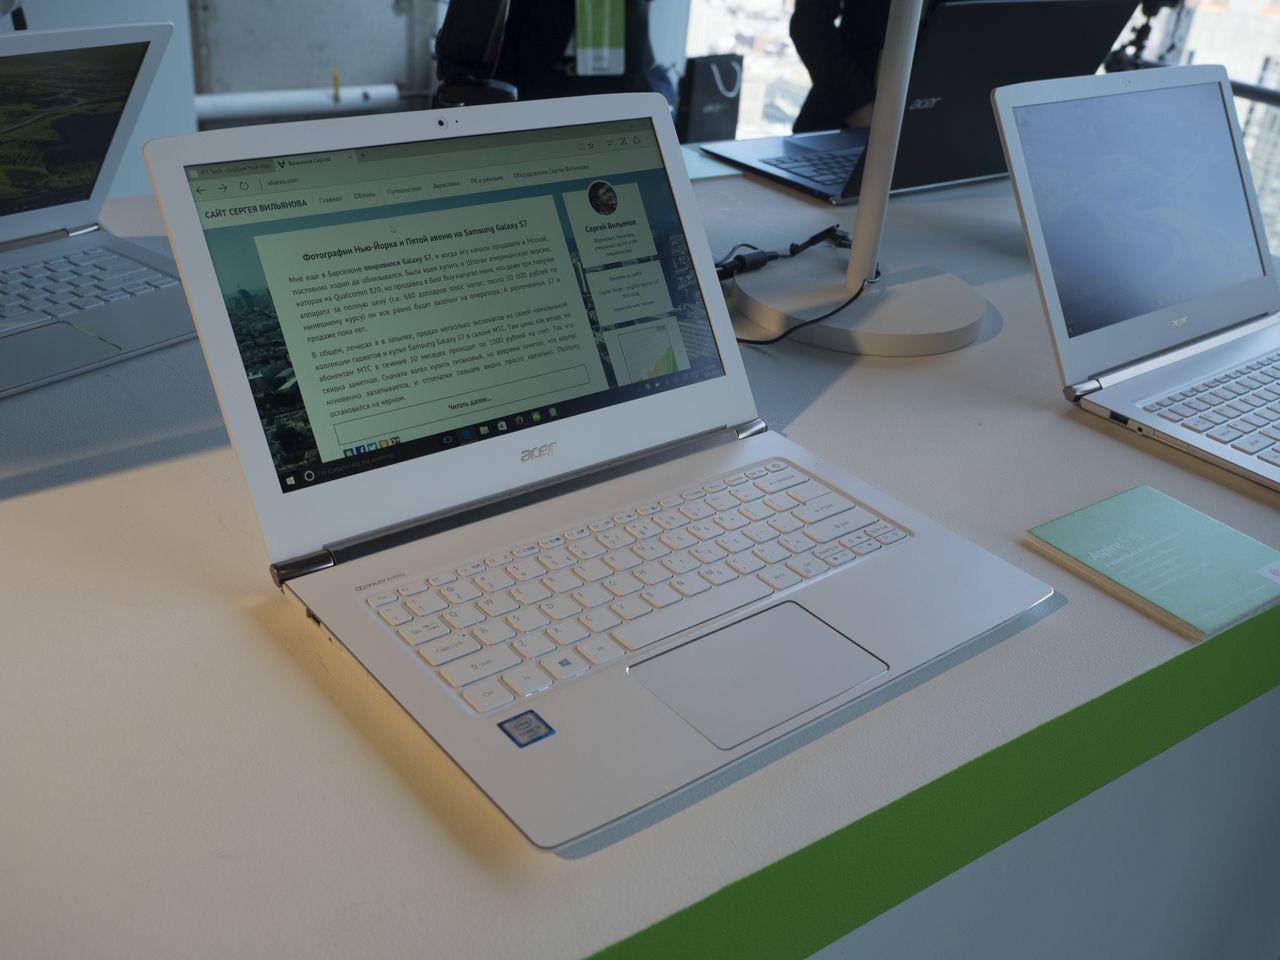 Next@Acer: Самый мощный игровой ноутбук с воздушным охлаждением, велокомпьютер, Chromebook для работы и другие новинки - 50